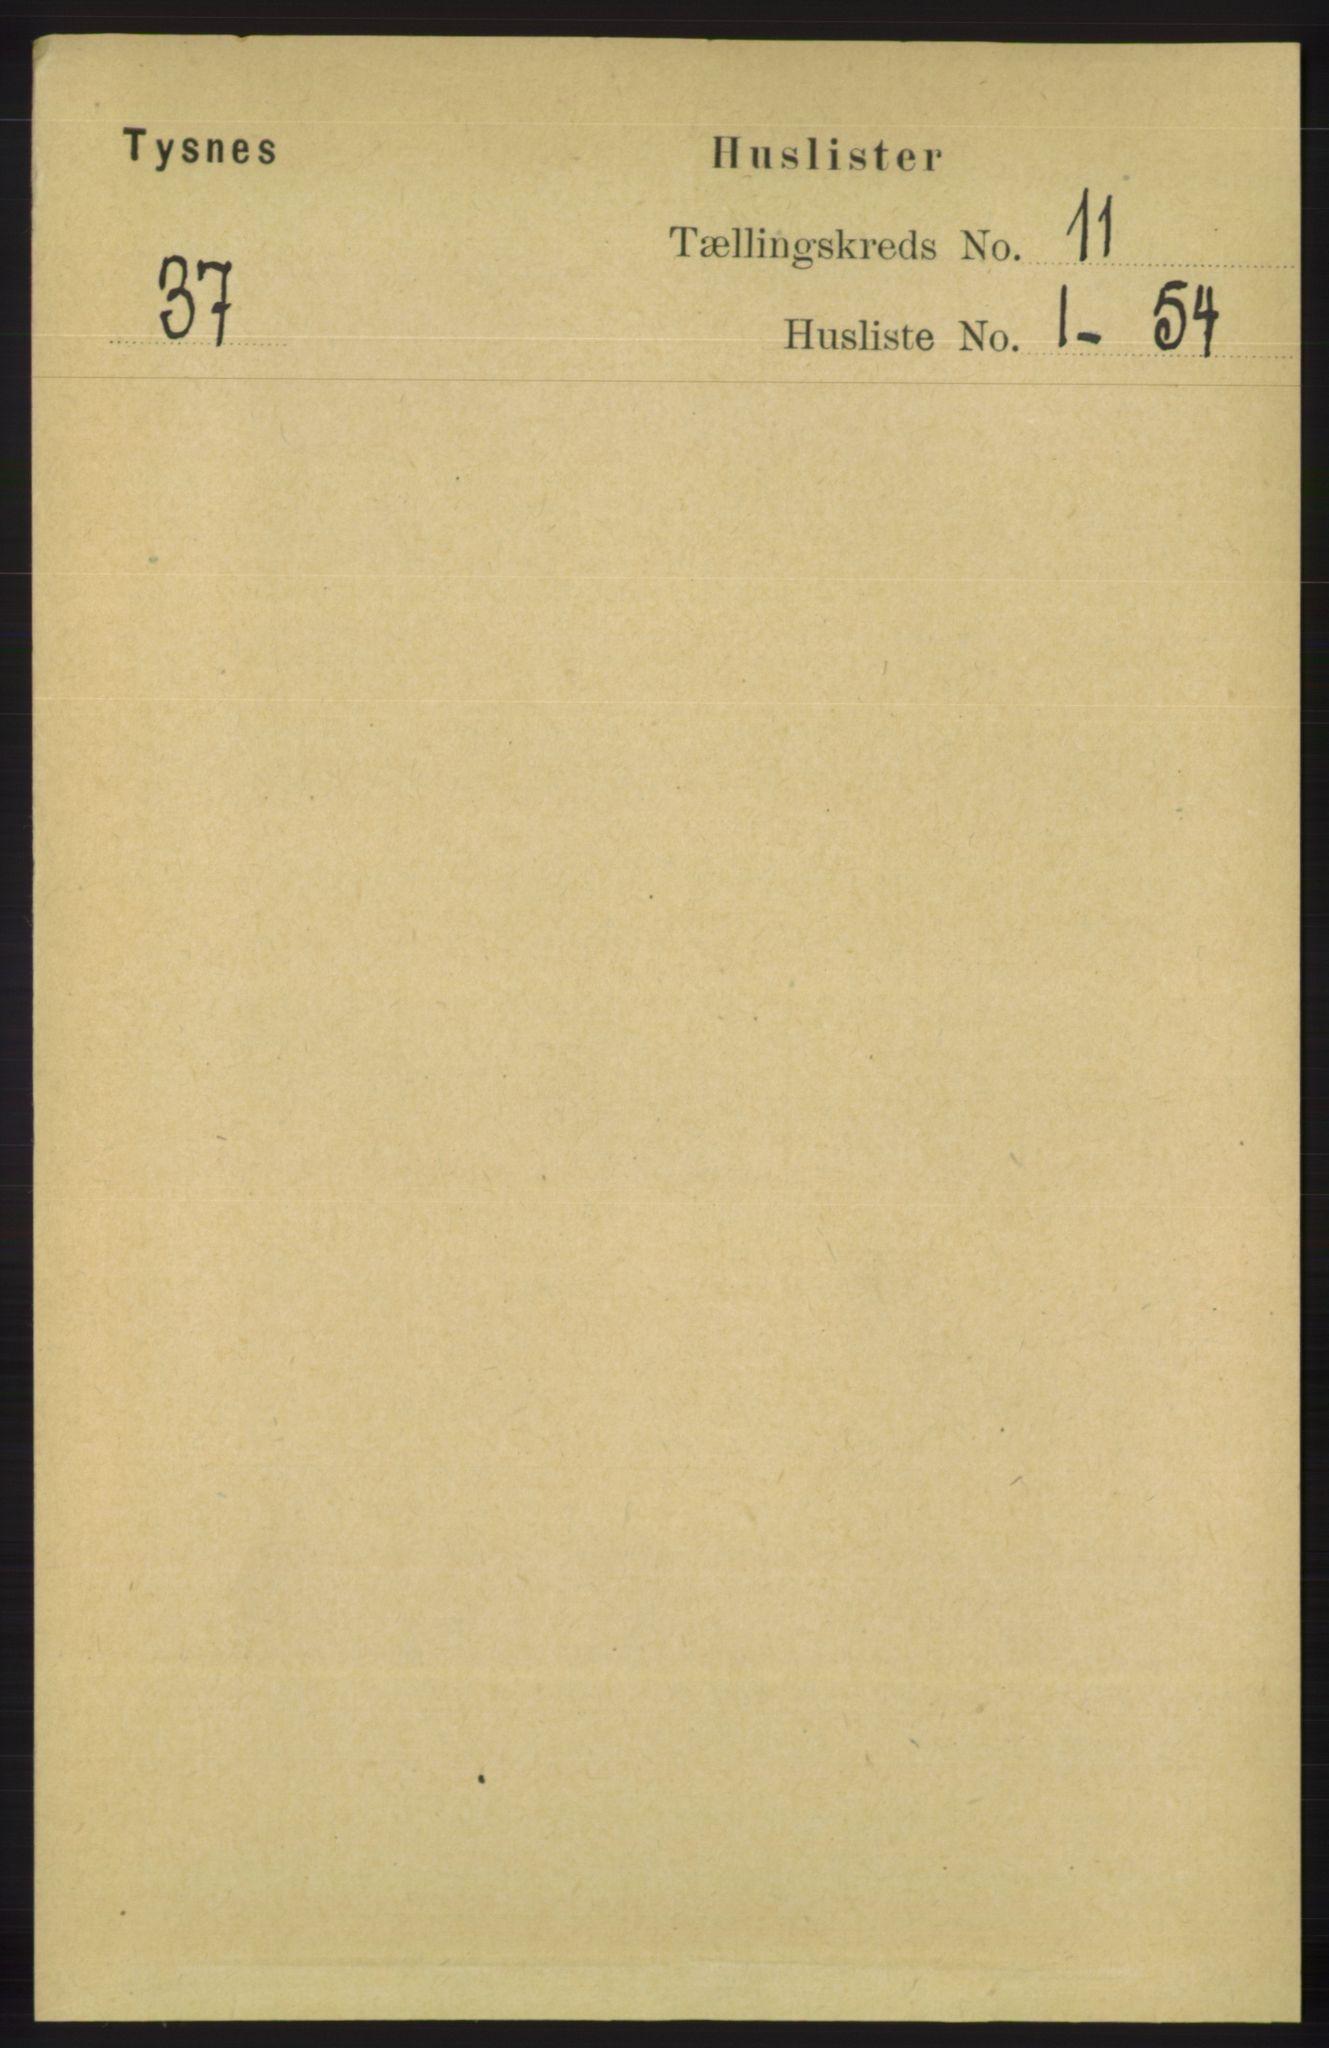 RA, Folketelling 1891 for 1223 Tysnes herred, 1891, s. 5304